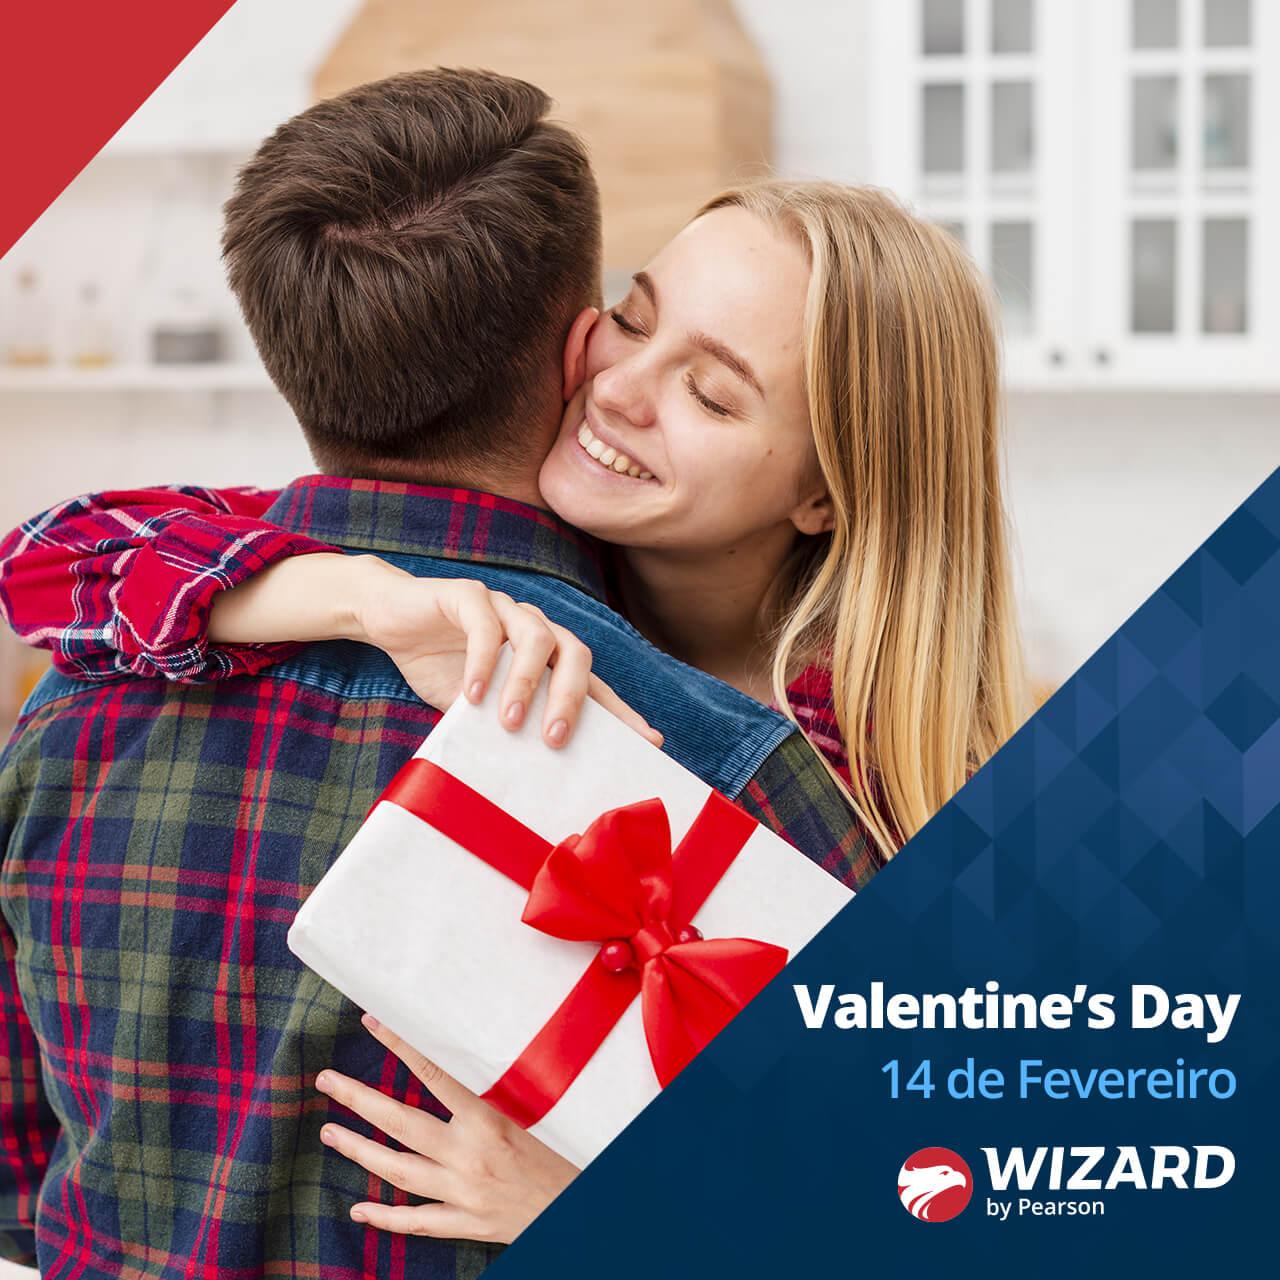 Valentines day Wizard